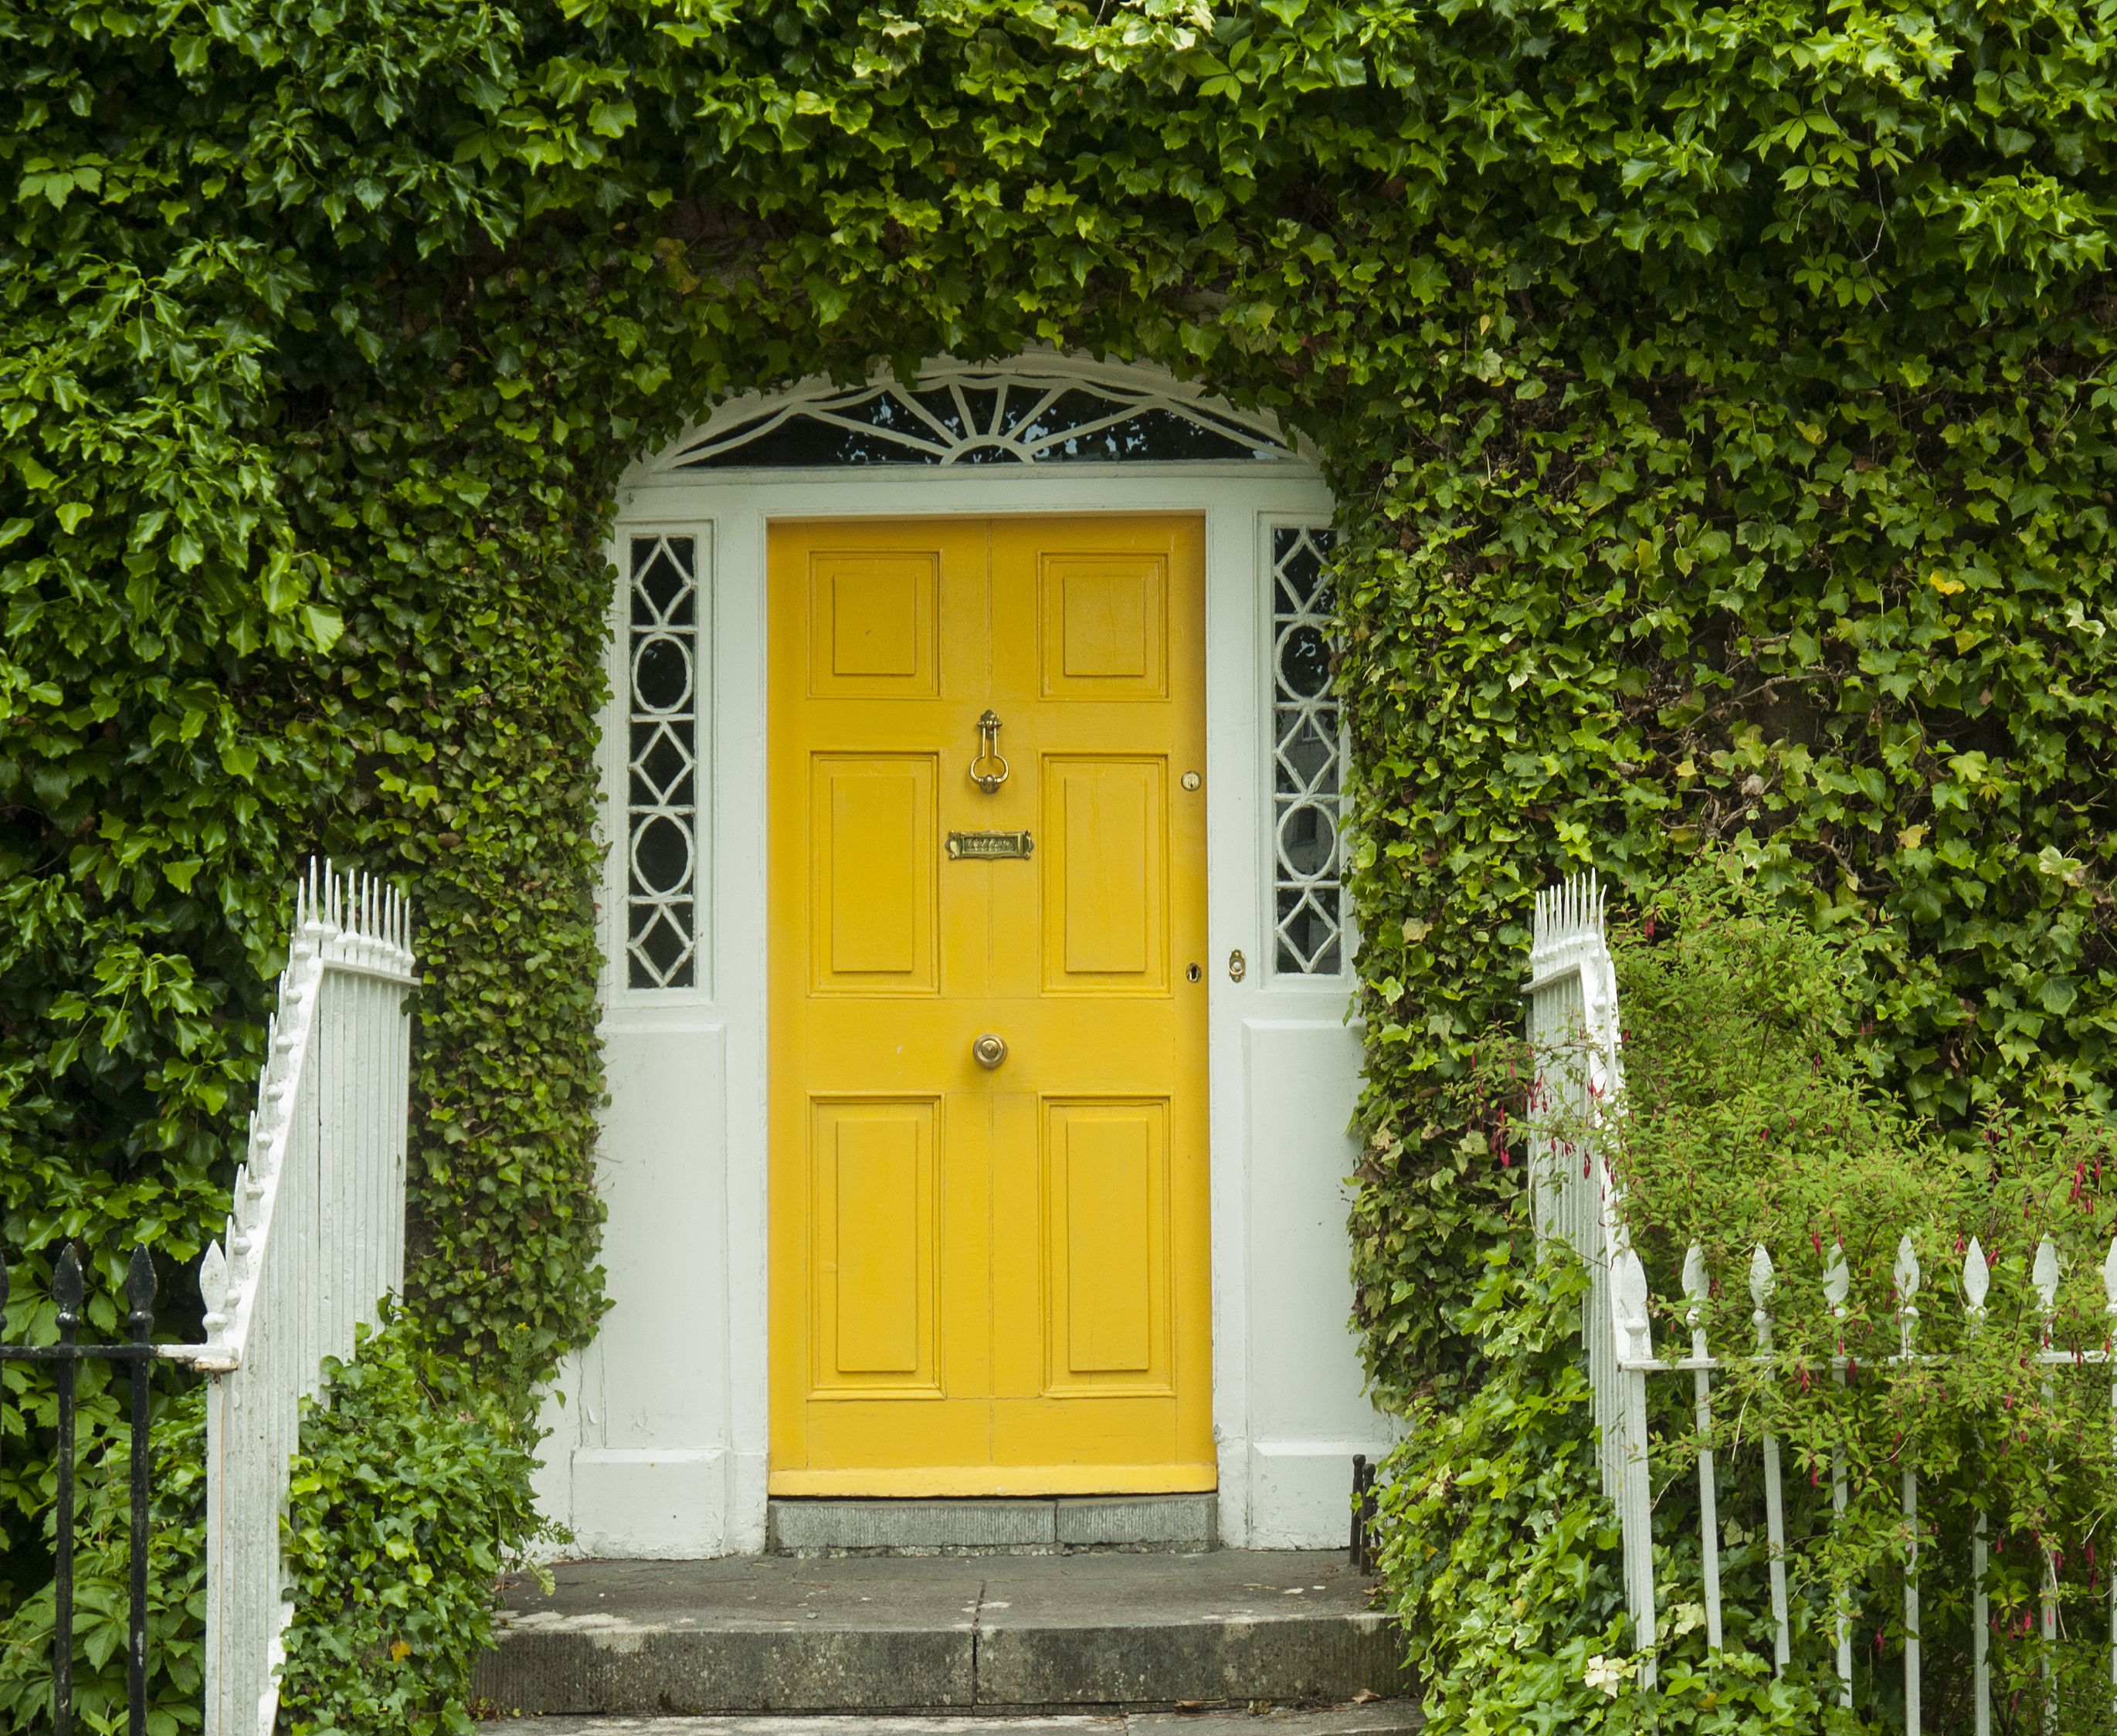 Yellow front door with ivy surrounding it